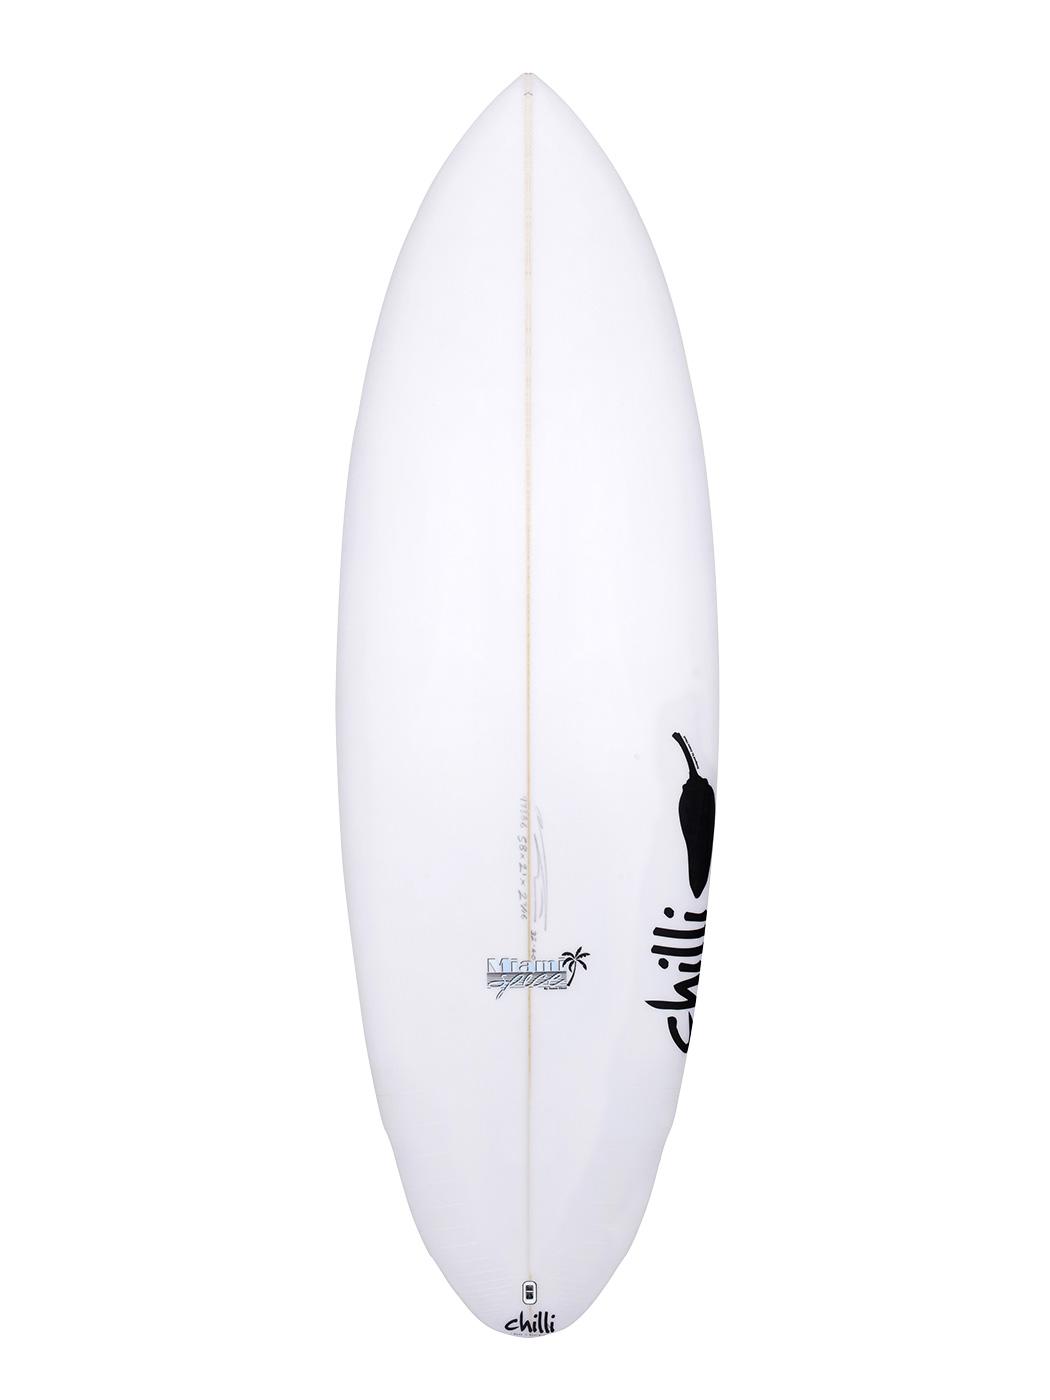 Chilli Surfboards Miami Spice Front